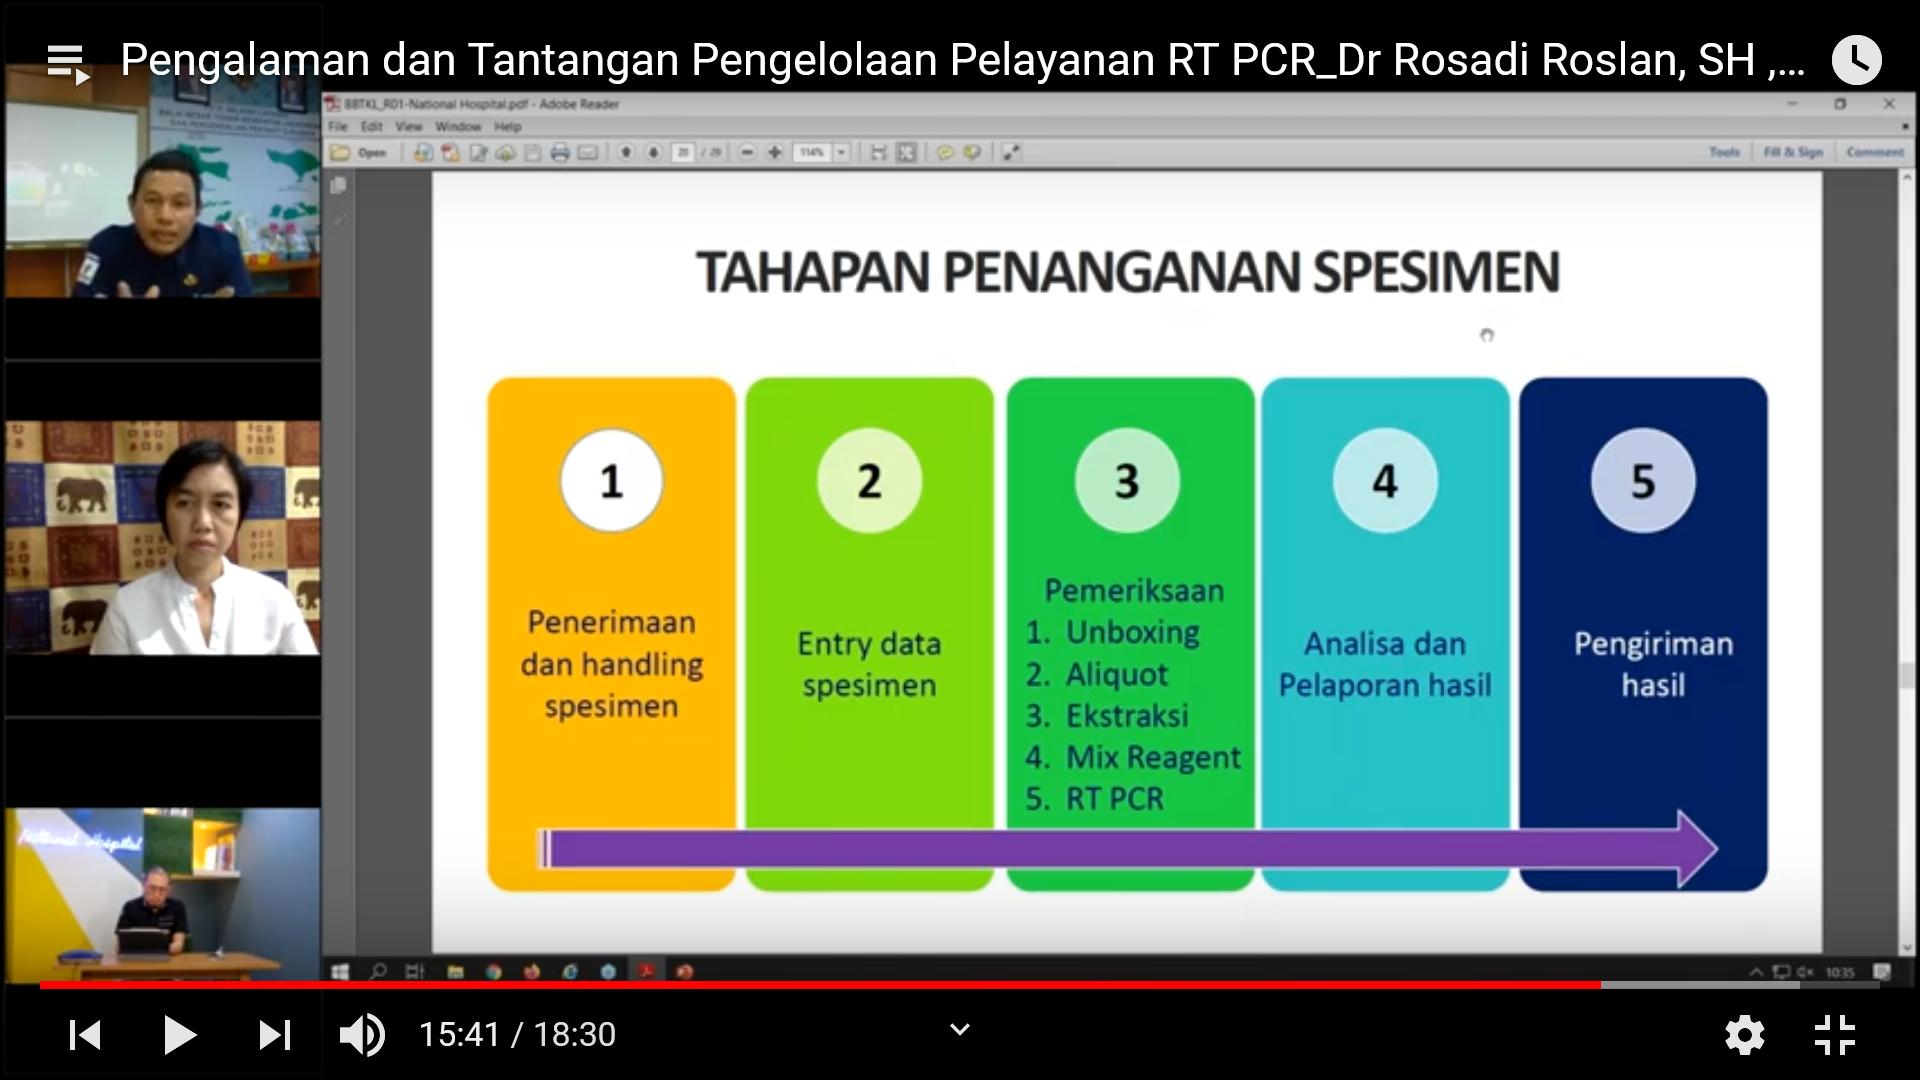 Pengalaman dan Tantangan Pengelolaan RT-PCR Rumah Sakit Swasta